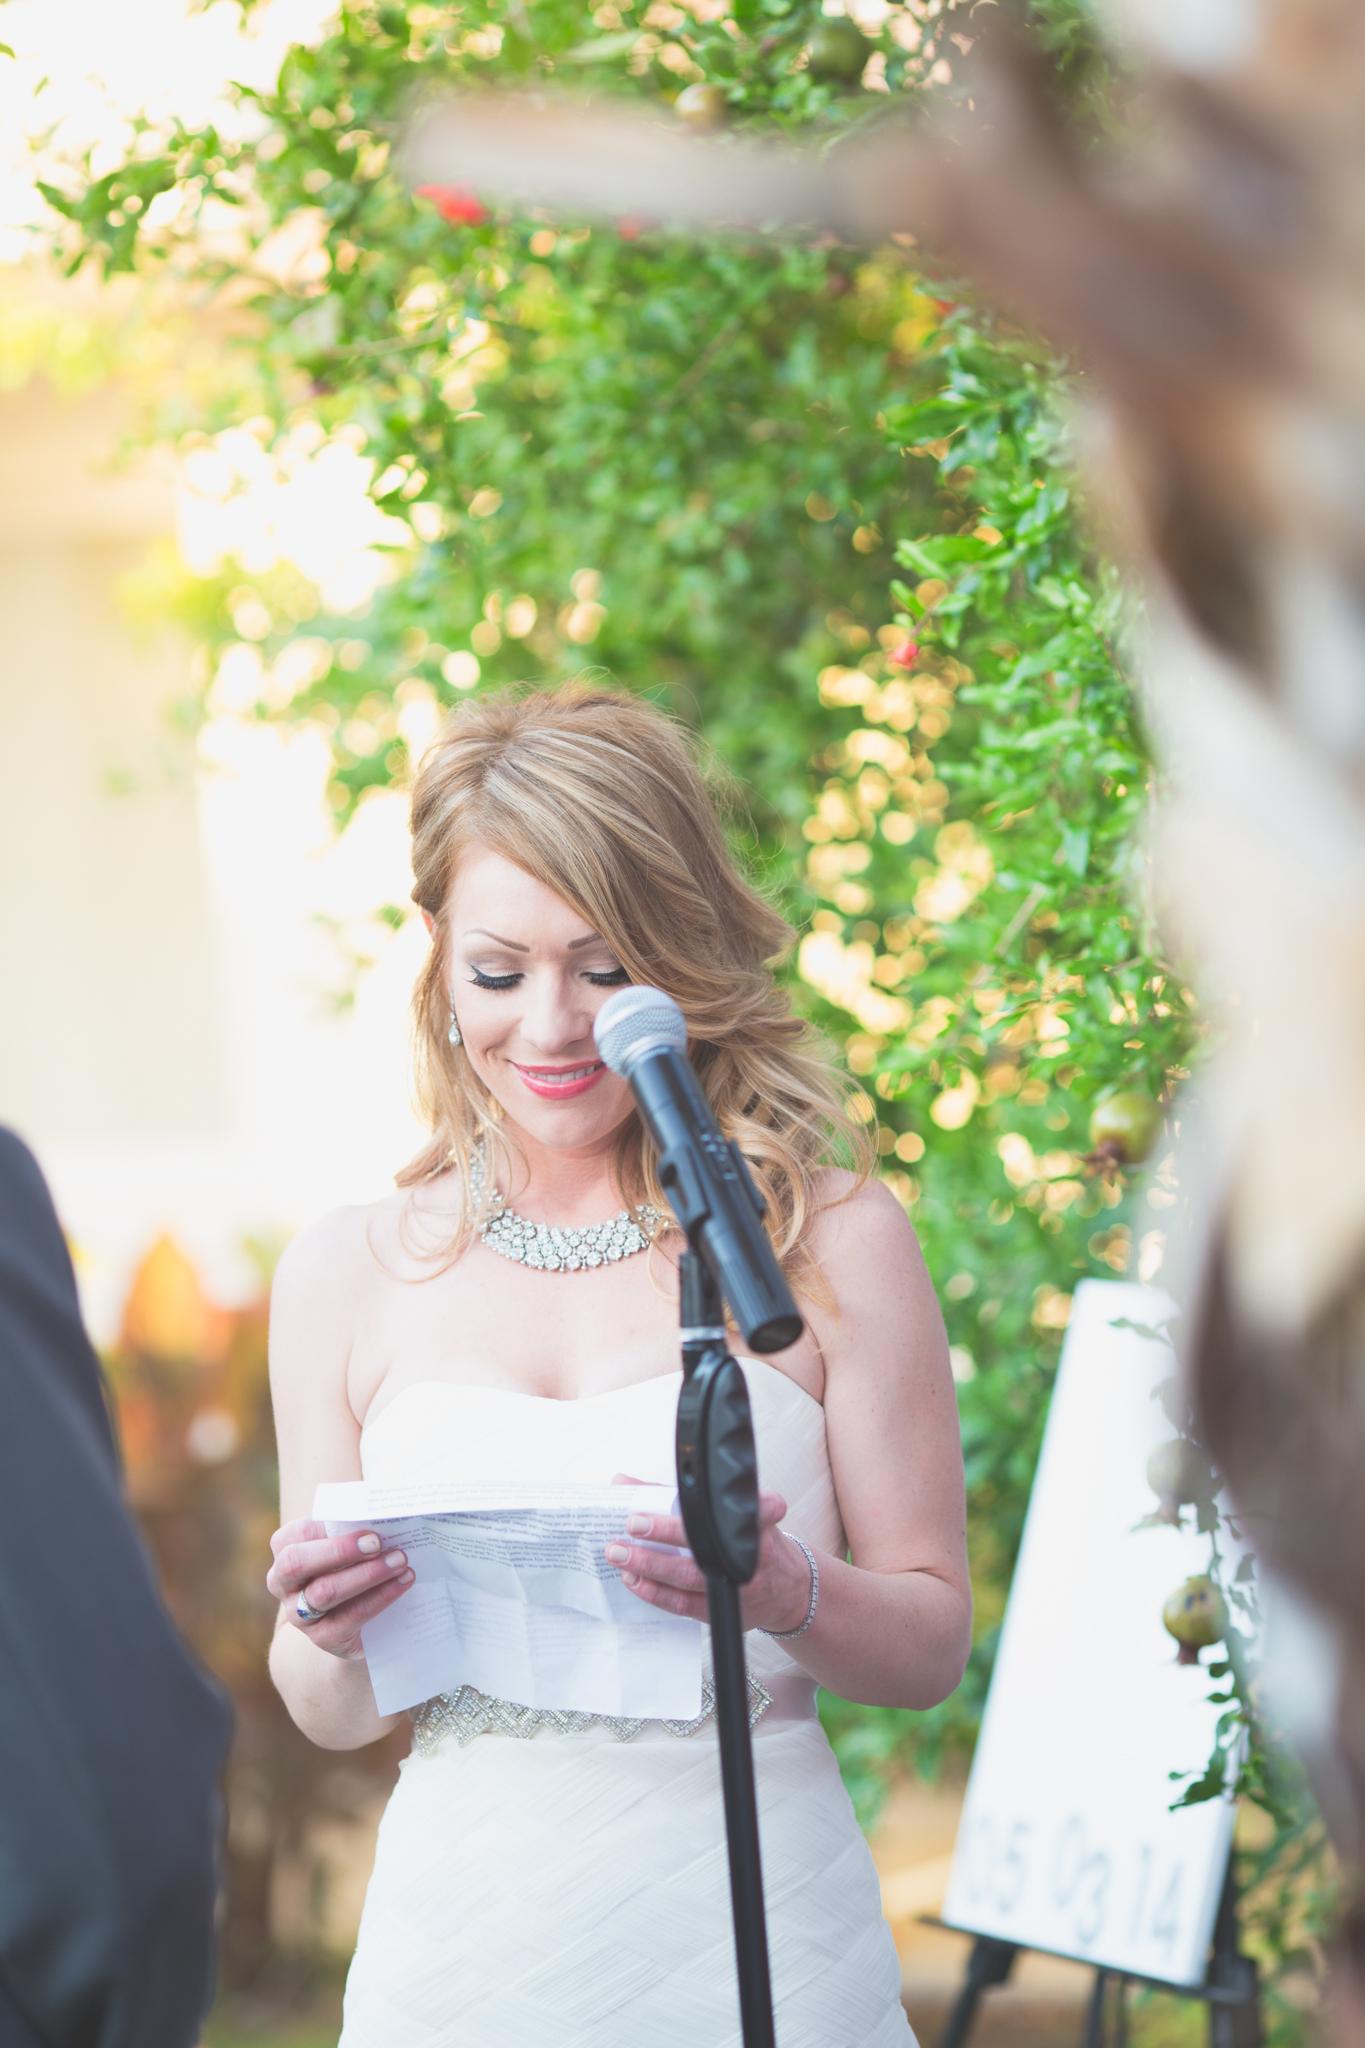 el-dorado-resort-wedding-bride-smiling-ceremony